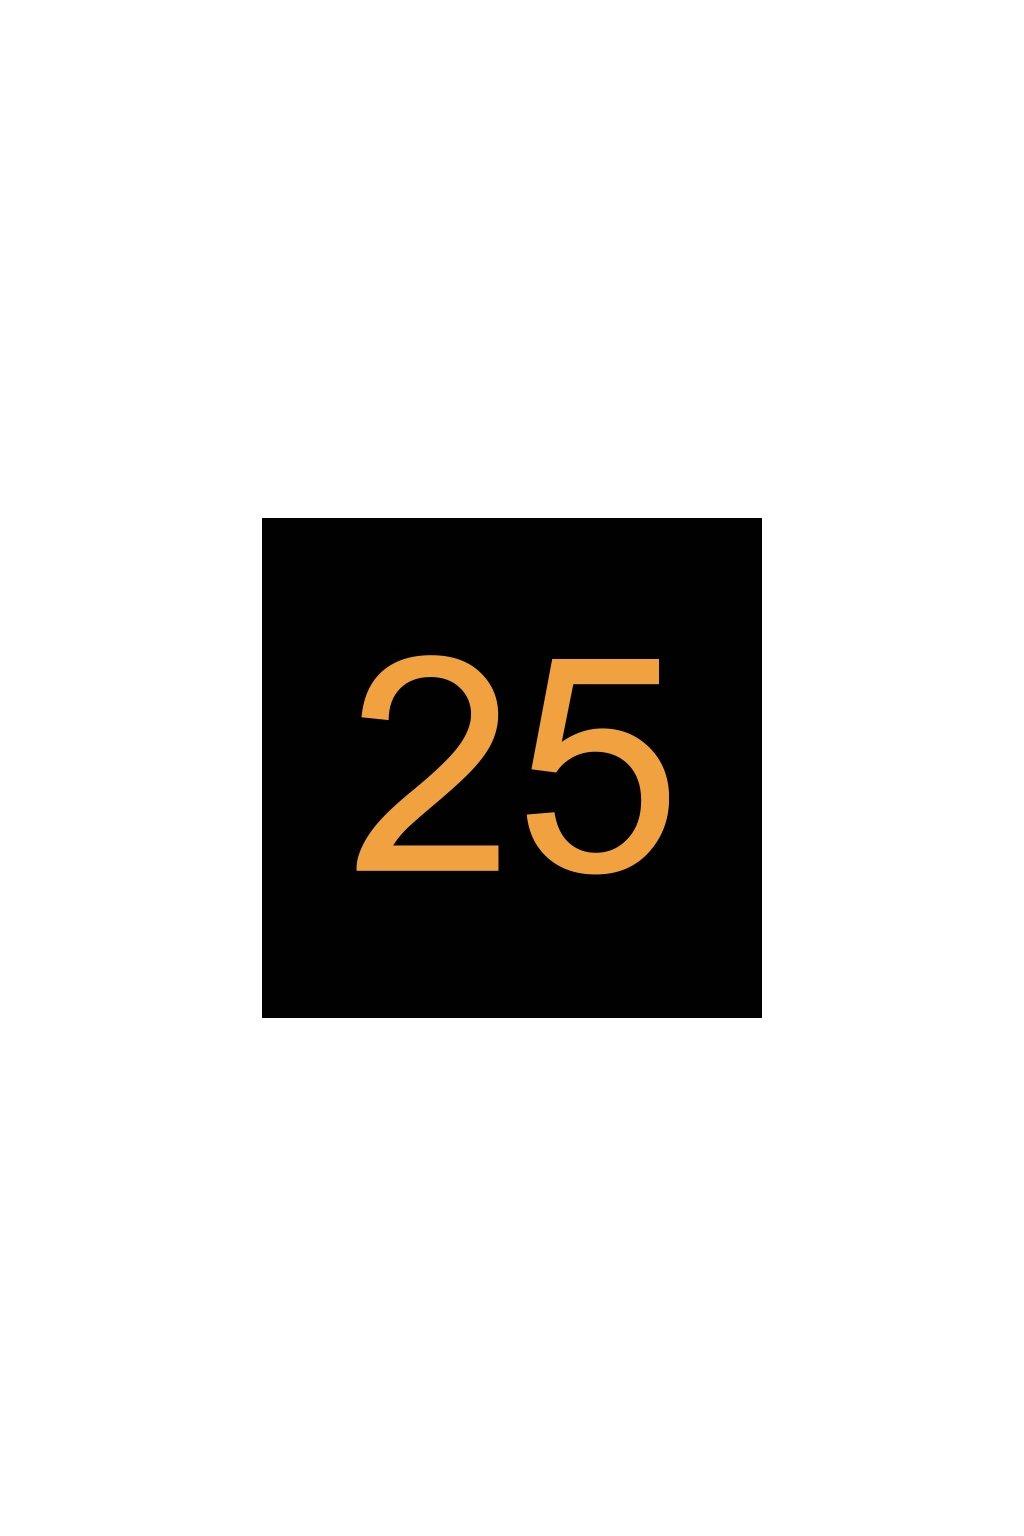 N424480 VÝKONNOSTNÍ ŠTÍTEK 25